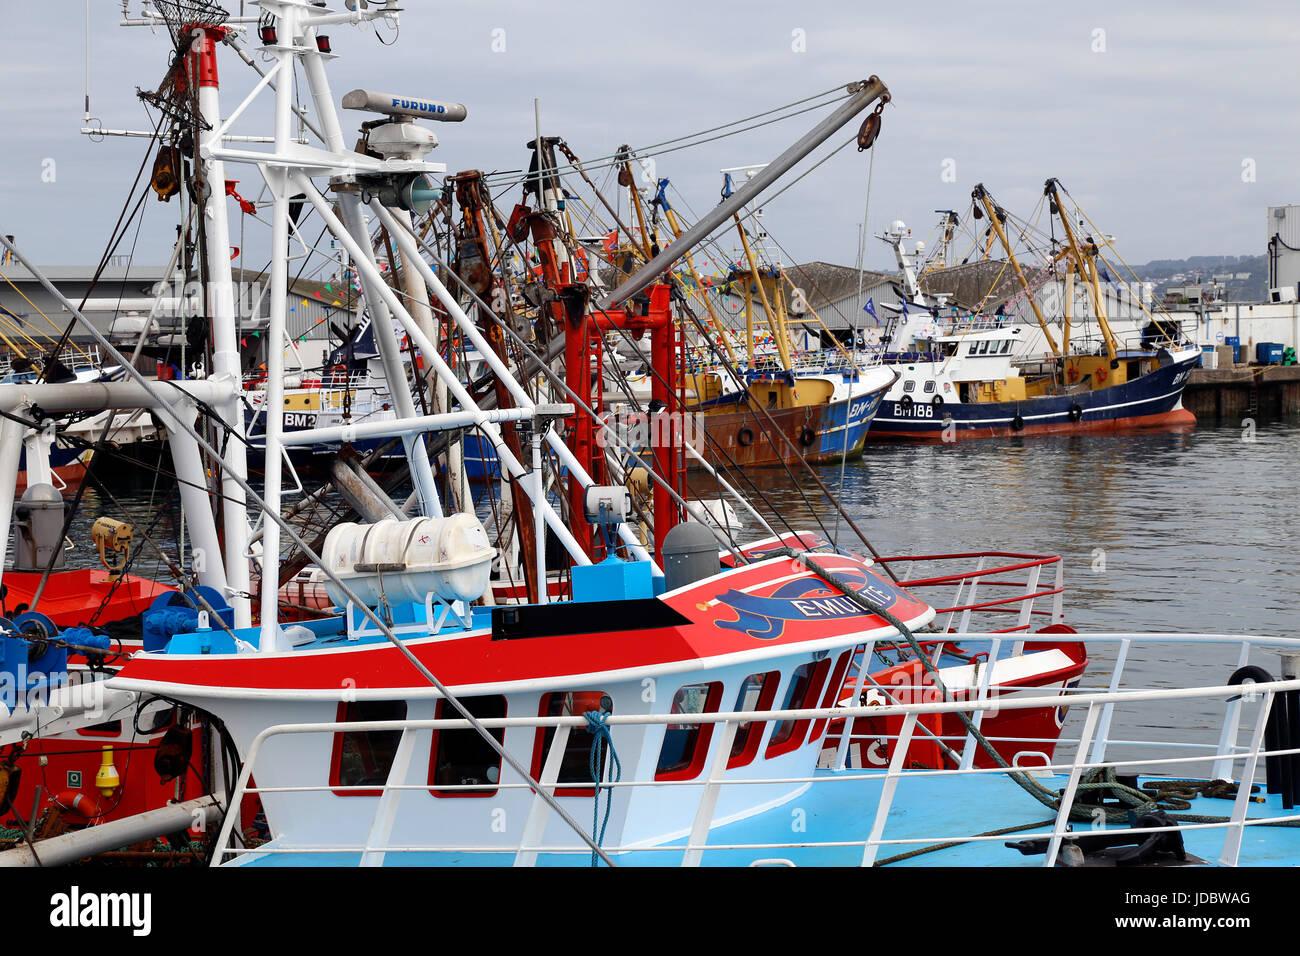 Imbarcazione nel Devon,una barca o altro recipiente che viaggia sull'acqua. villaggio, villaggi, natante, acqua Immagini Stock